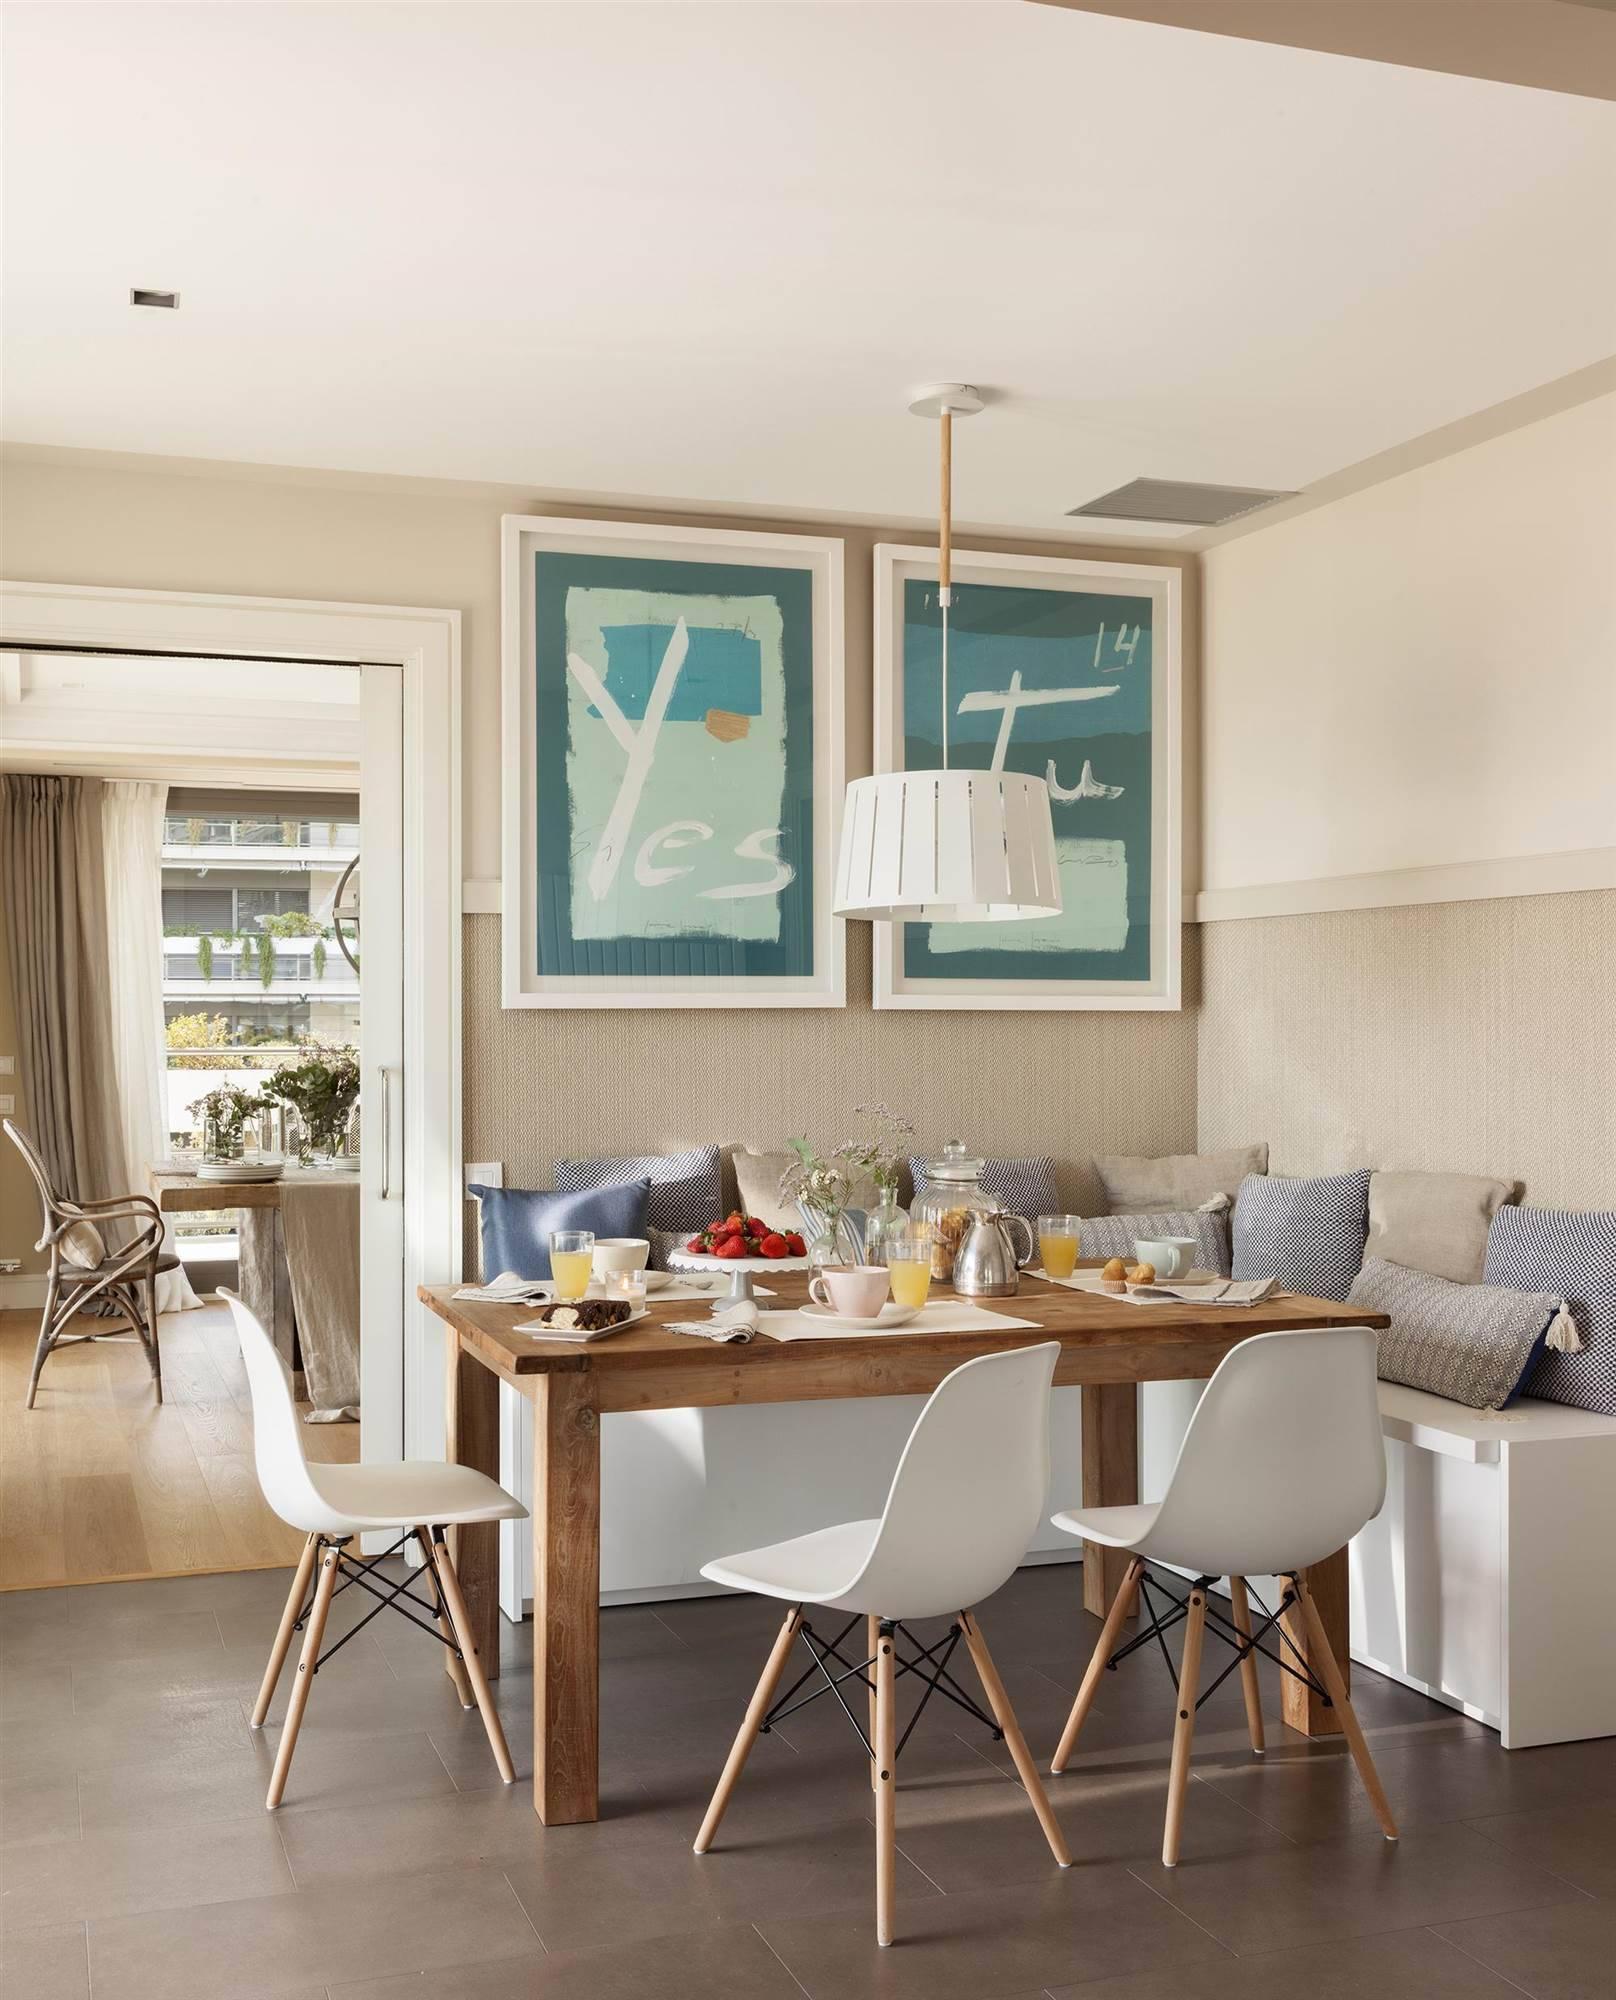 office-en-la-cocina-con-sillas-eames-y-banco-de-cojines 00427901. Una silla Eames